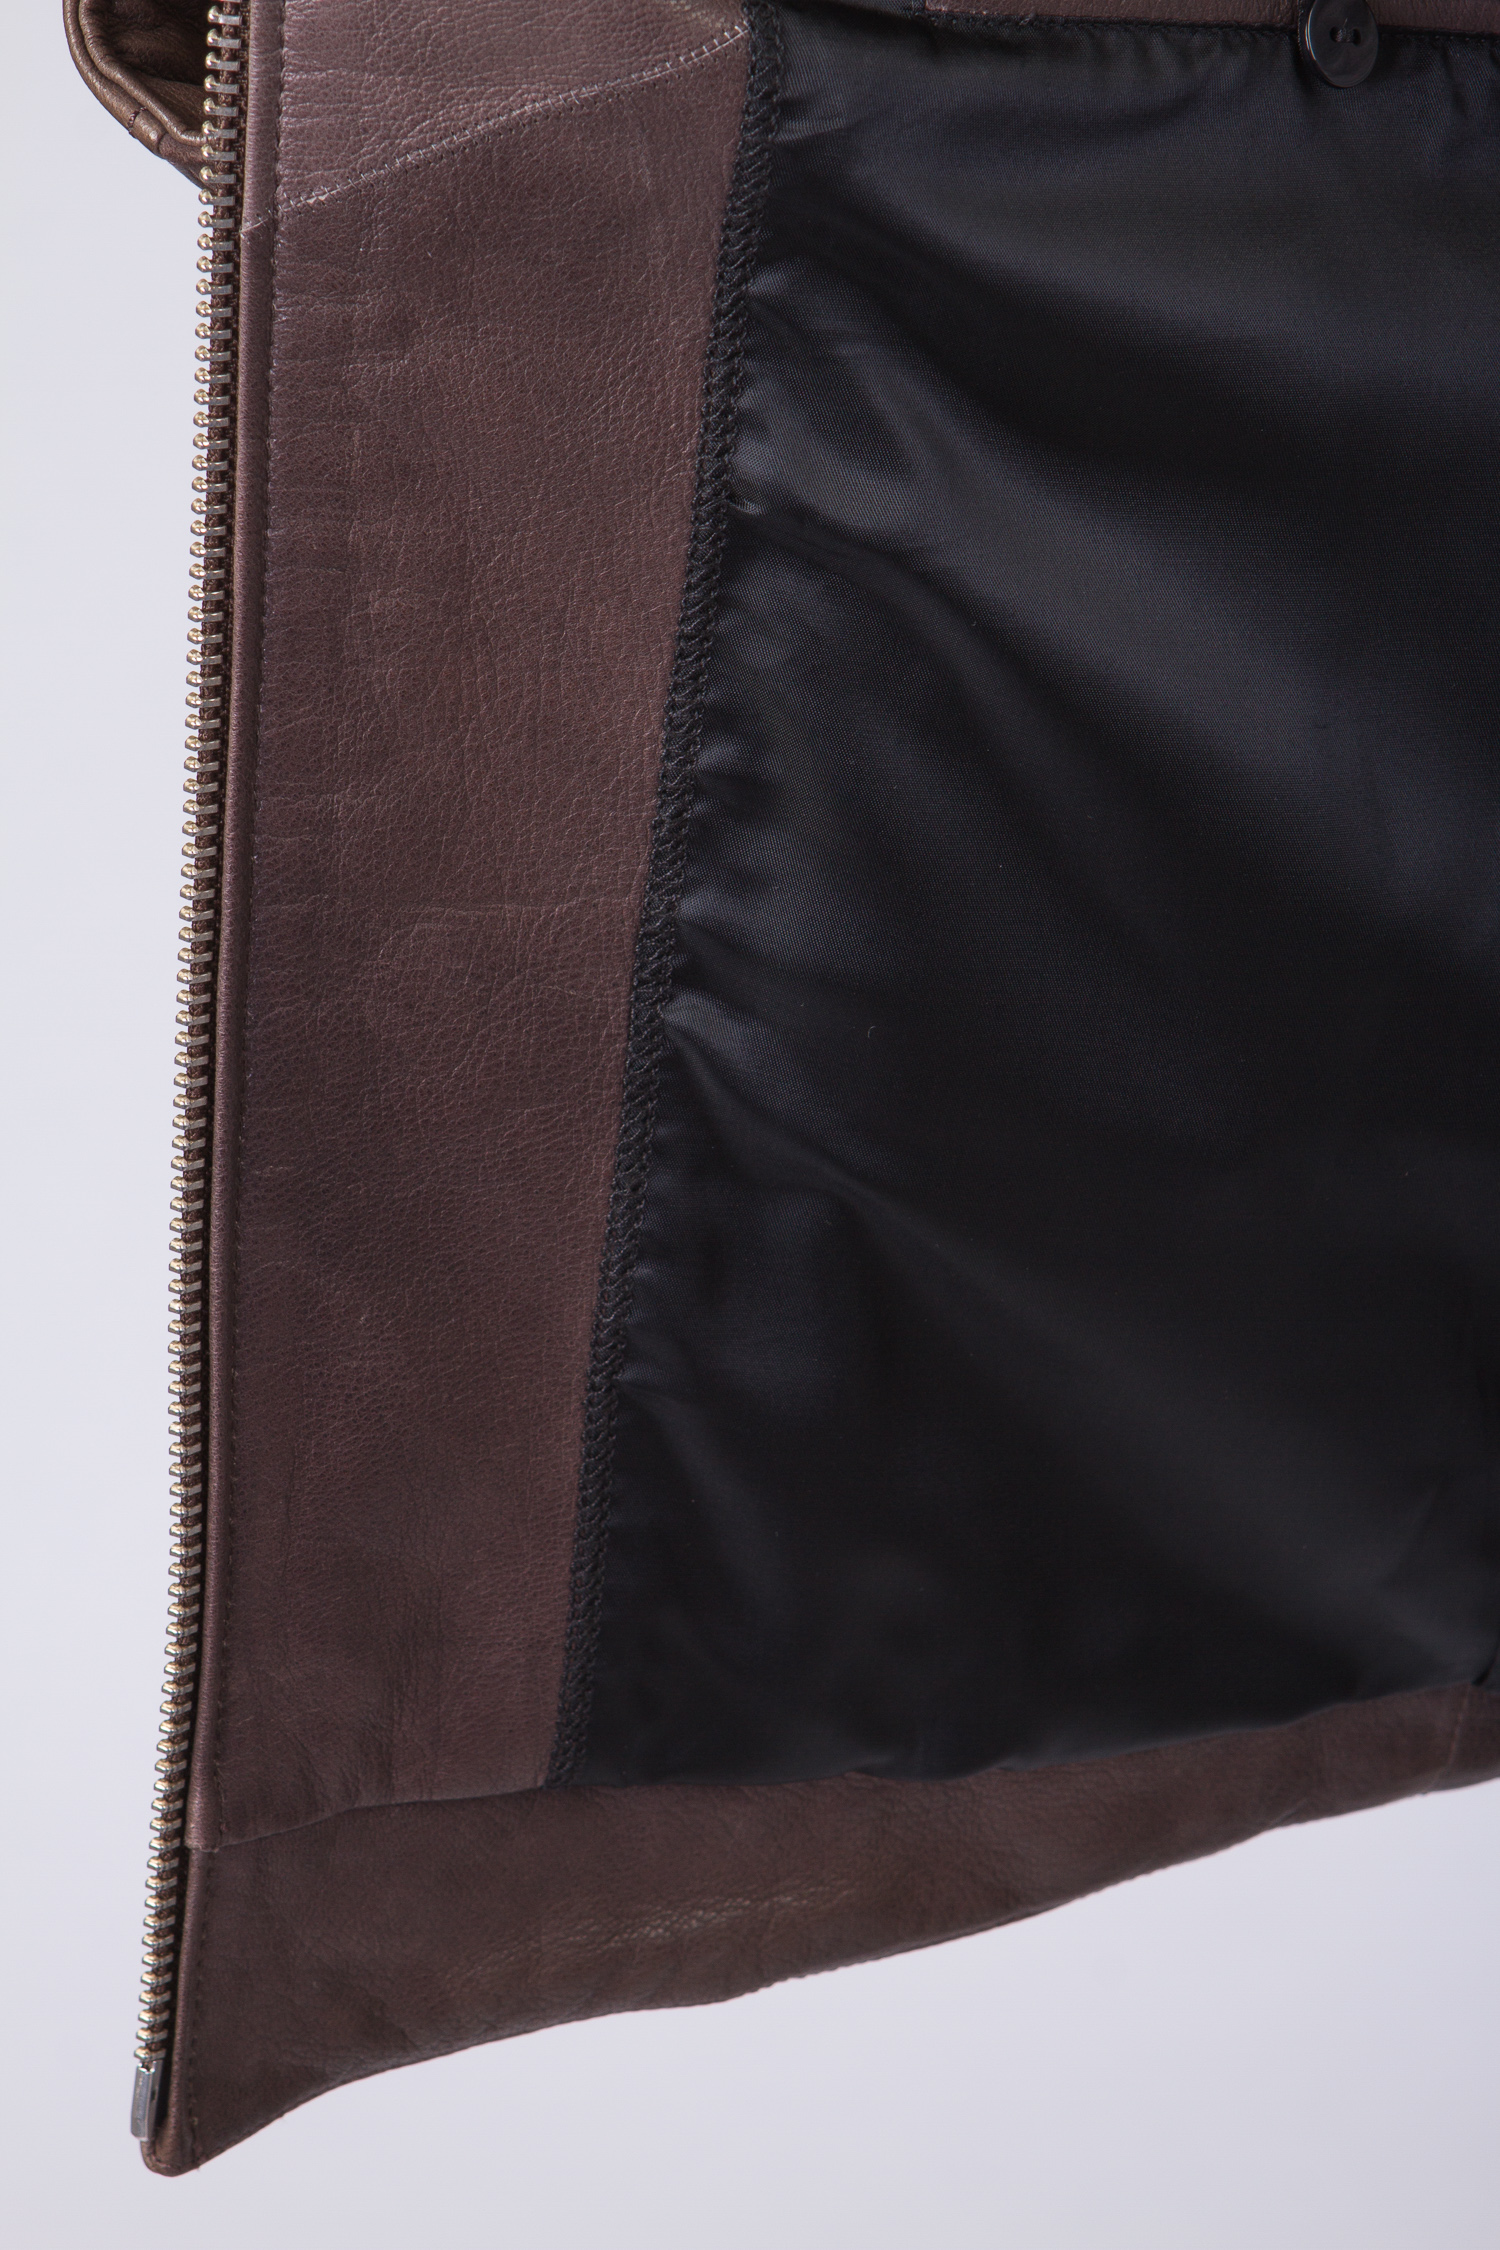 Мужская кожаная куртка из натуральной замши и кожи с воротником, без отделки